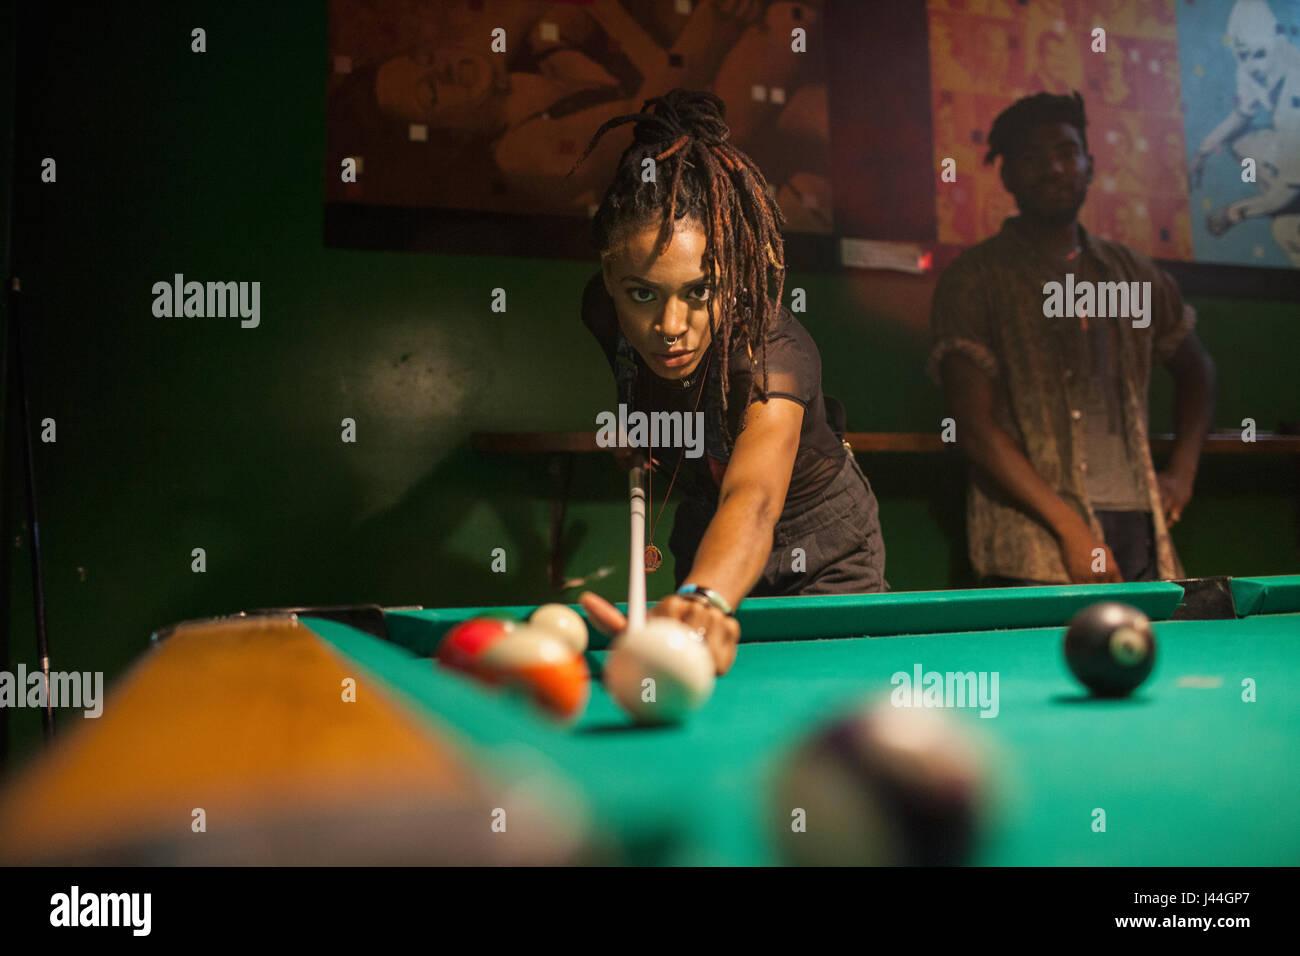 Una giovane donna a giocare in piscina. Immagini Stock